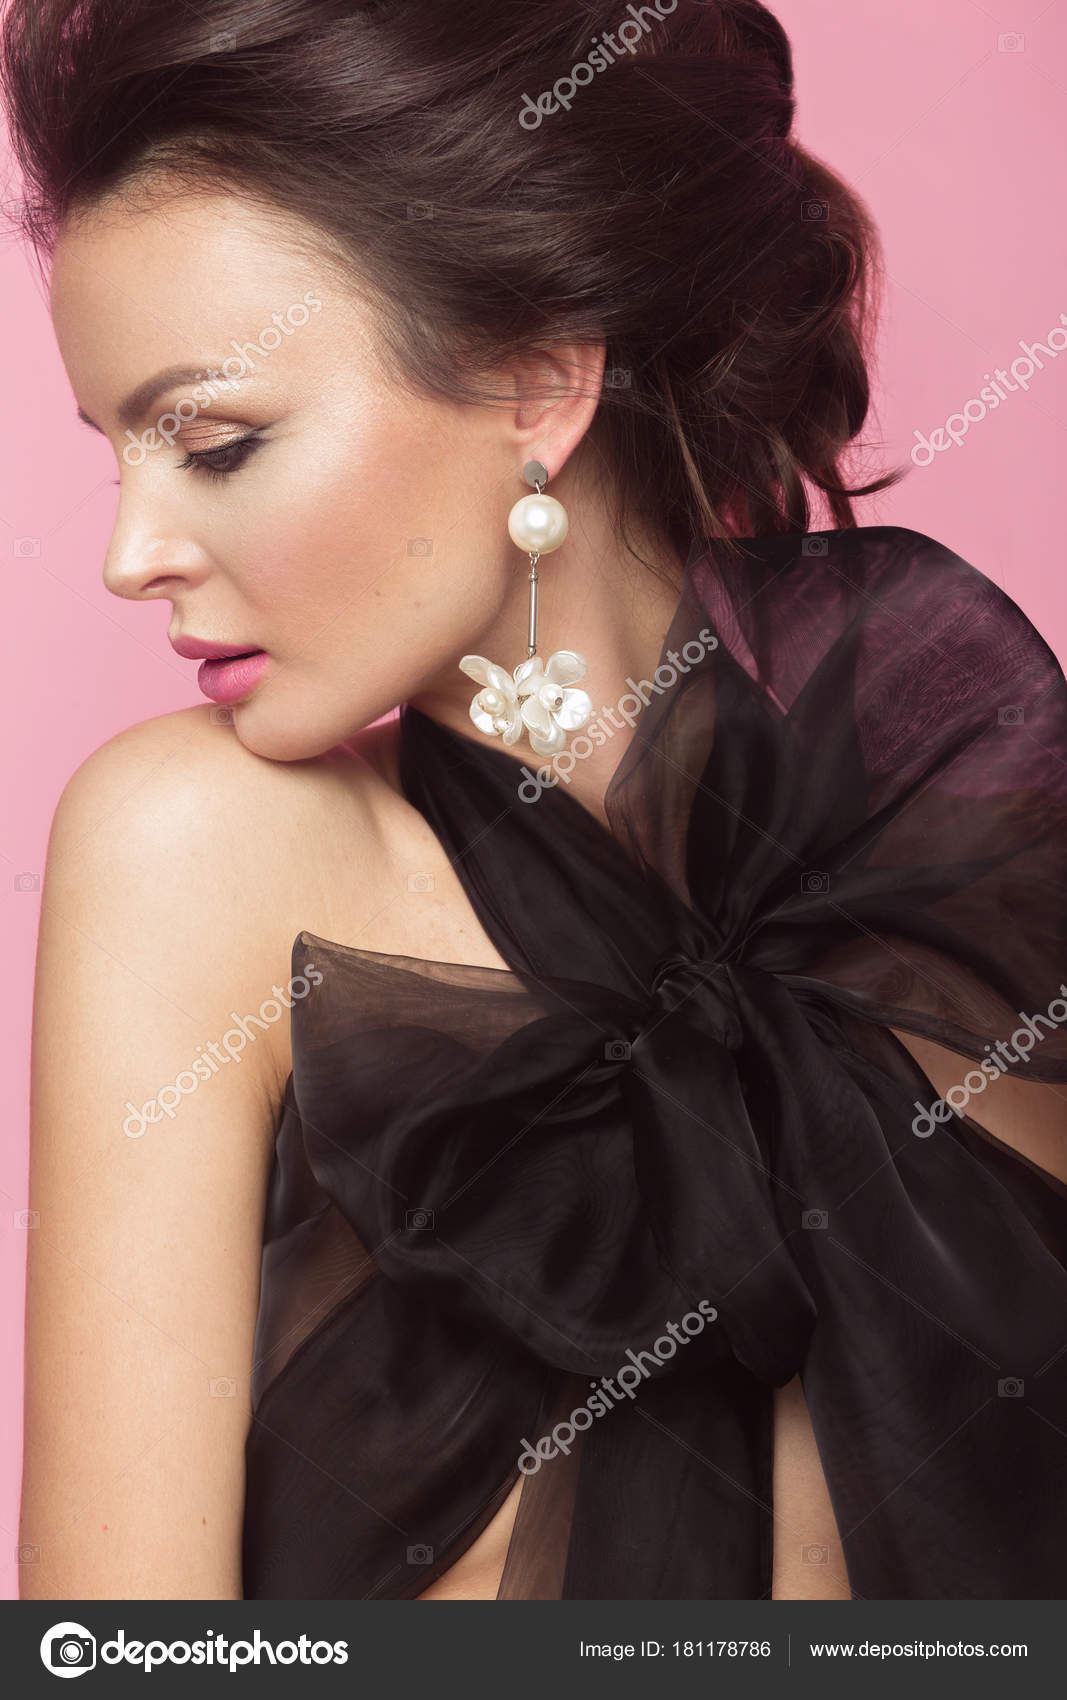 Piękna Kobieta Moda W Czarna Sukienka Z Kokardą Retro Makijaż I